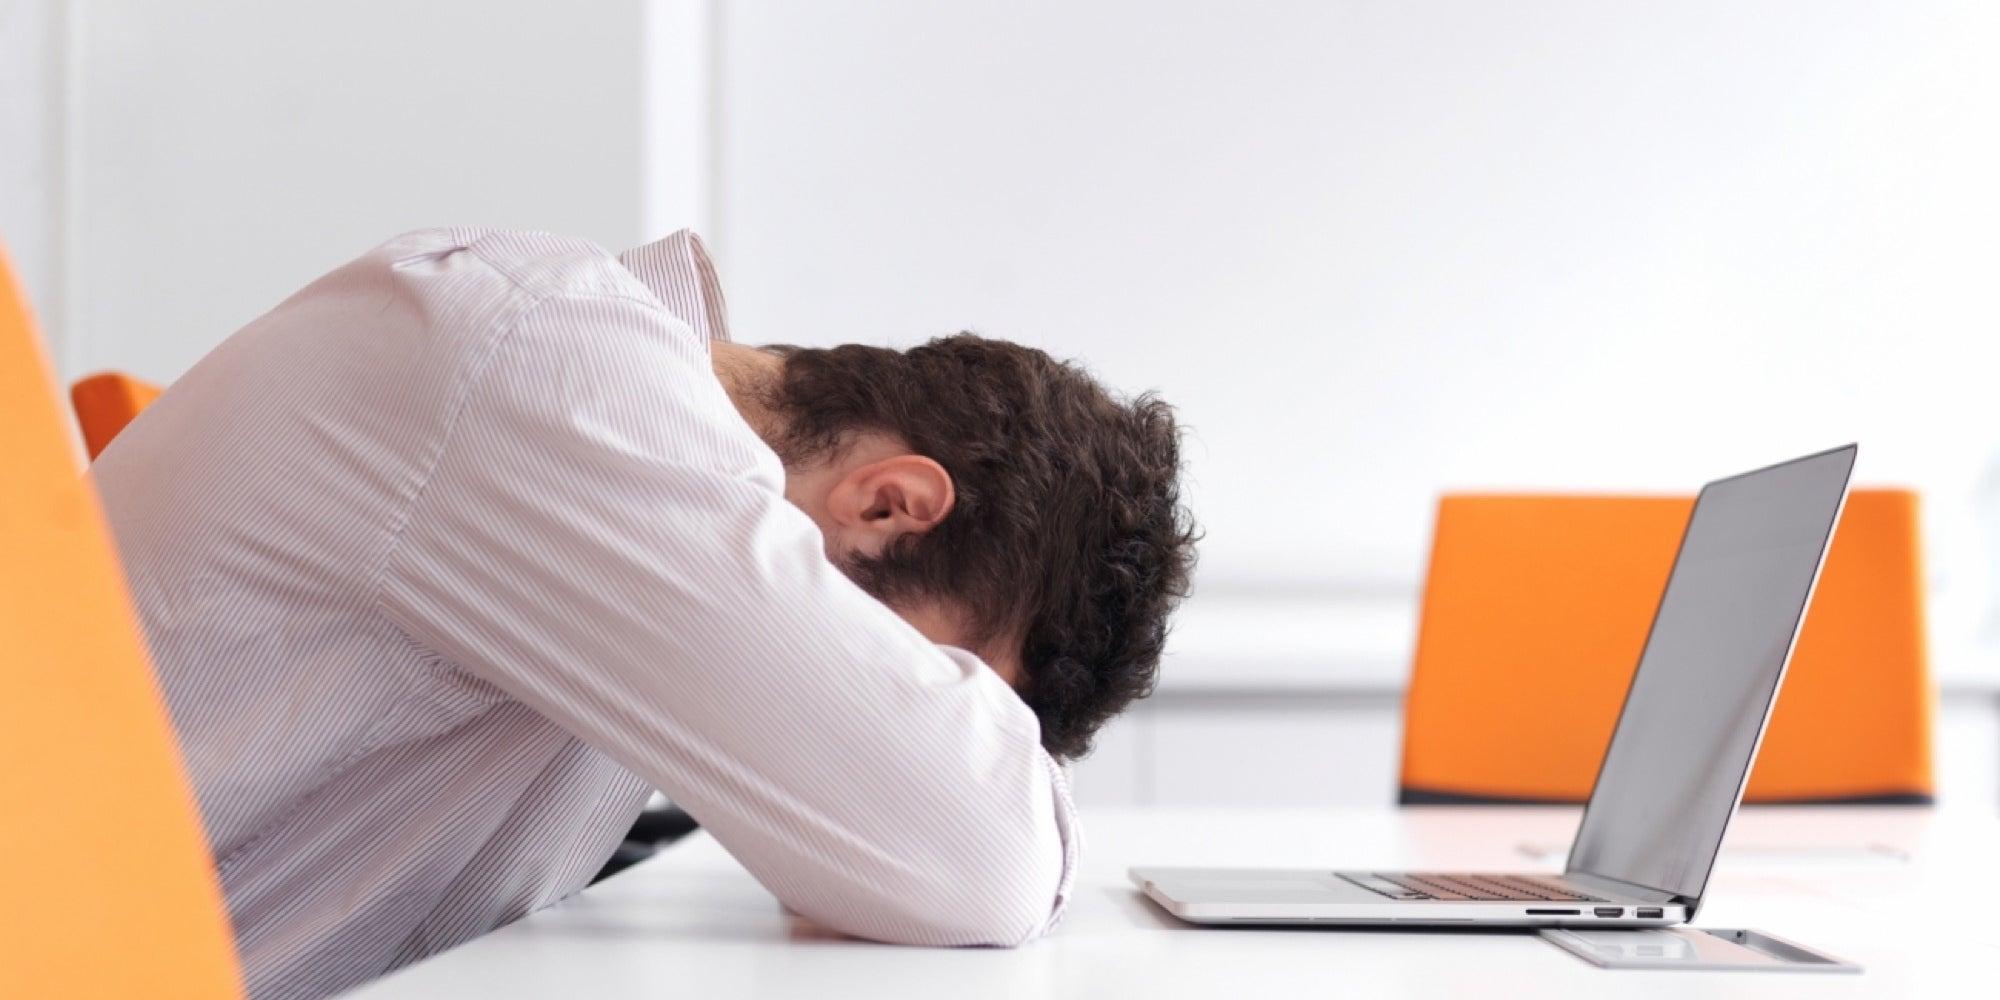 Six Ways Entrepreneurs Can Get A Better Night's Sleep